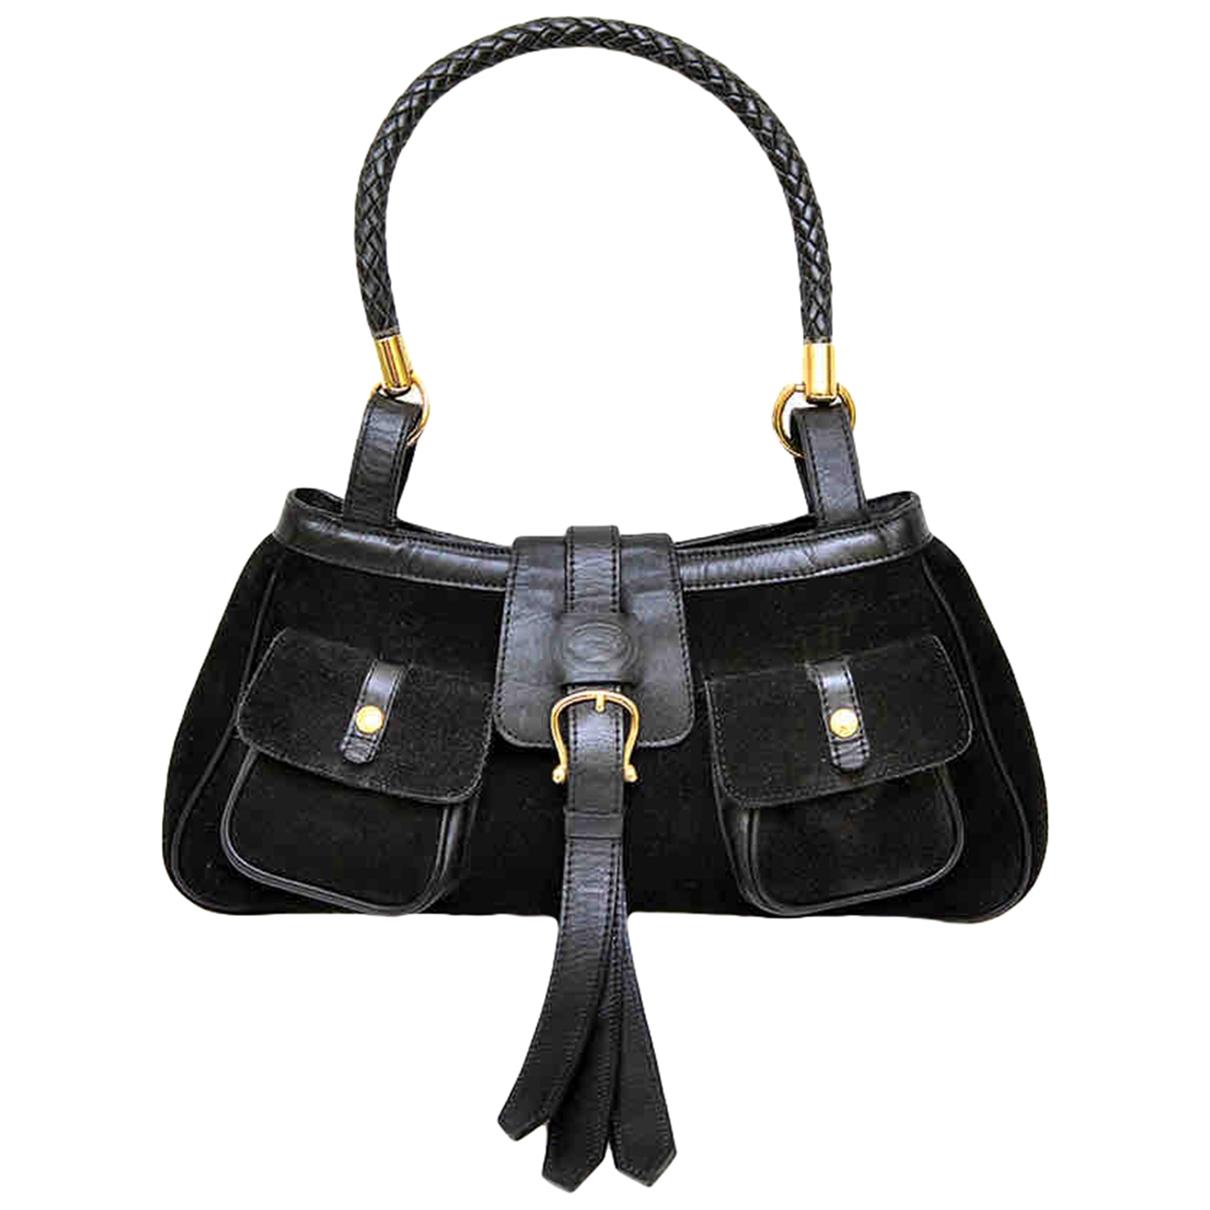 Burberry \N Black Suede handbag for Women \N